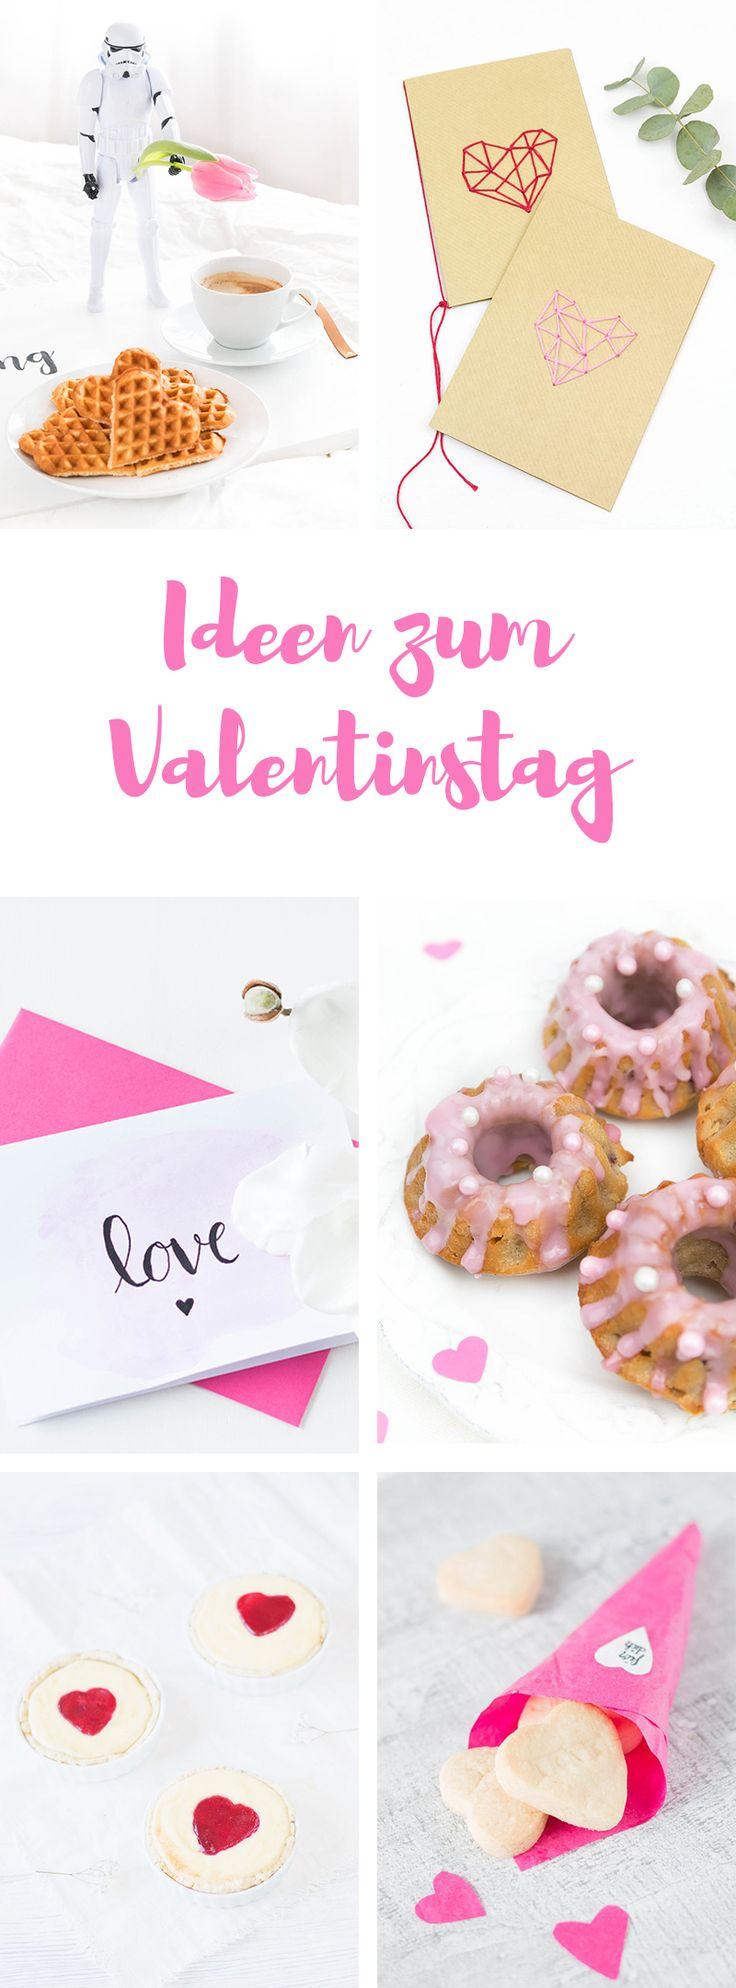 Tolle DIY Geschenke und leckere Rezepte für den Valentinstag! So machst du den Tag für Verliebte unvergesslich!